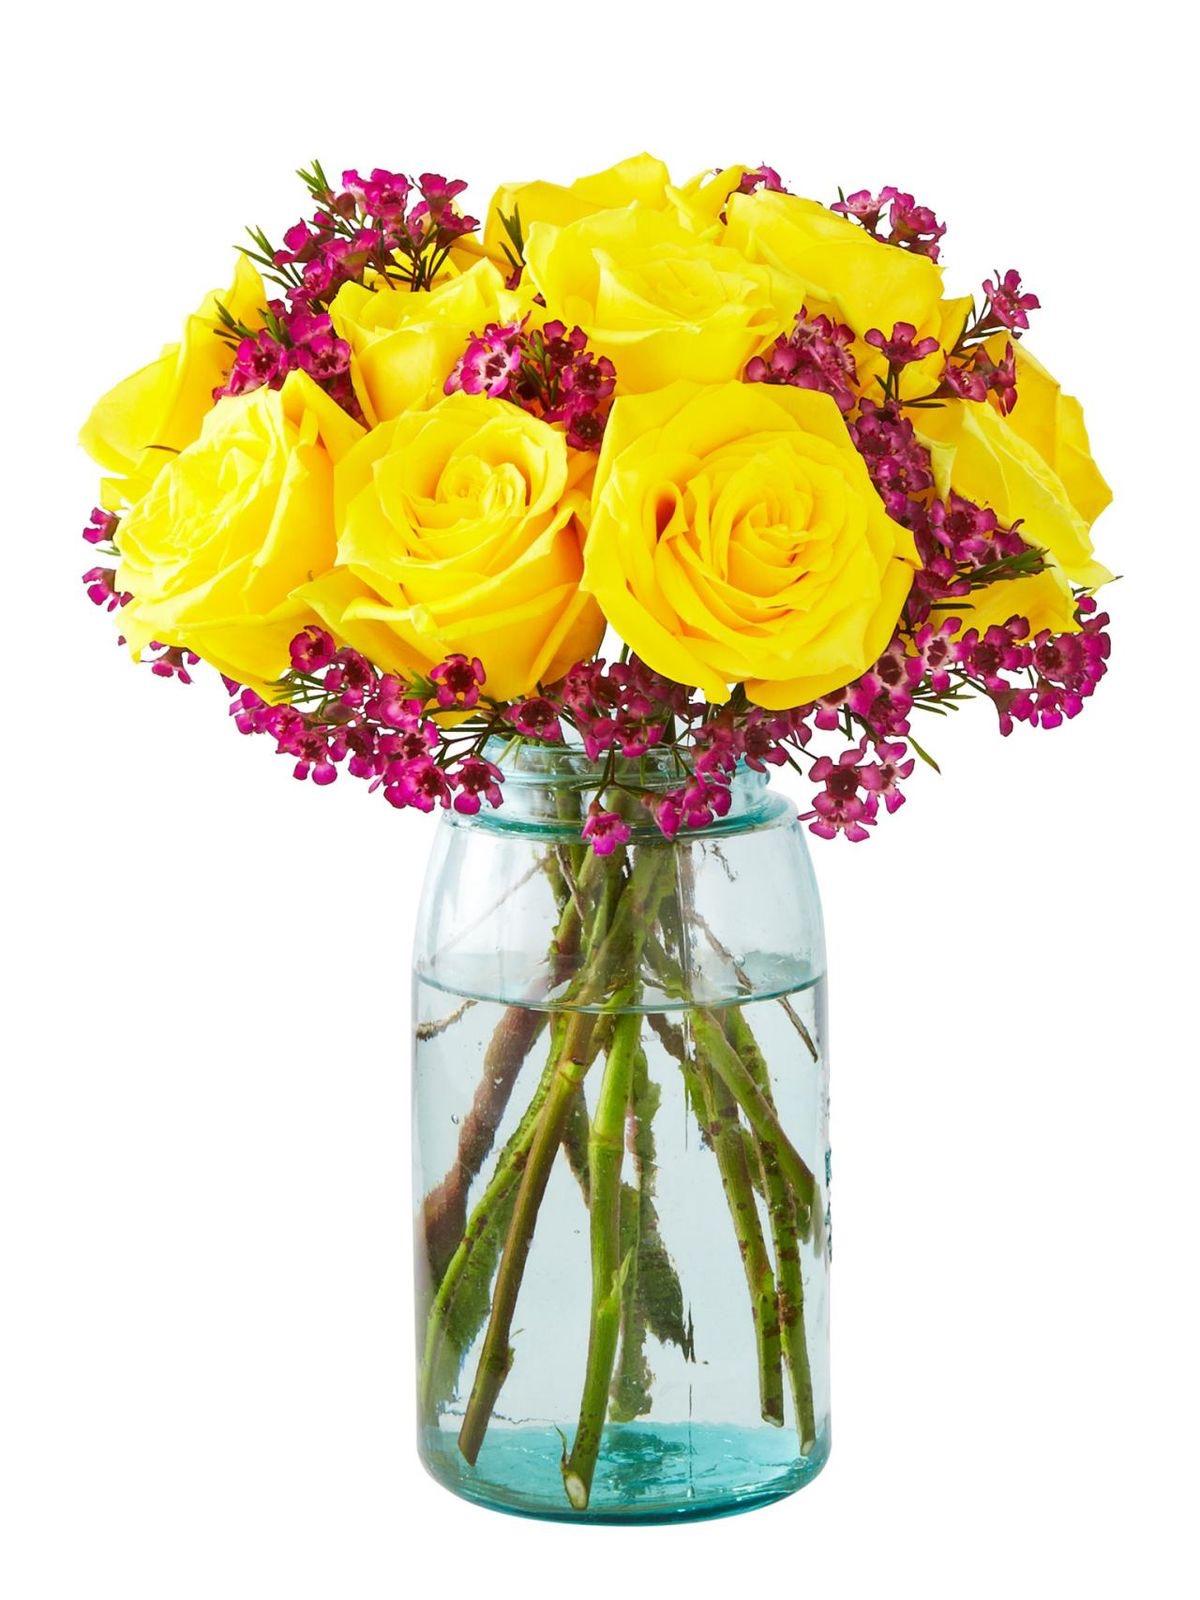 purple flowers purple flower arrangements amp bouquets - 616×821